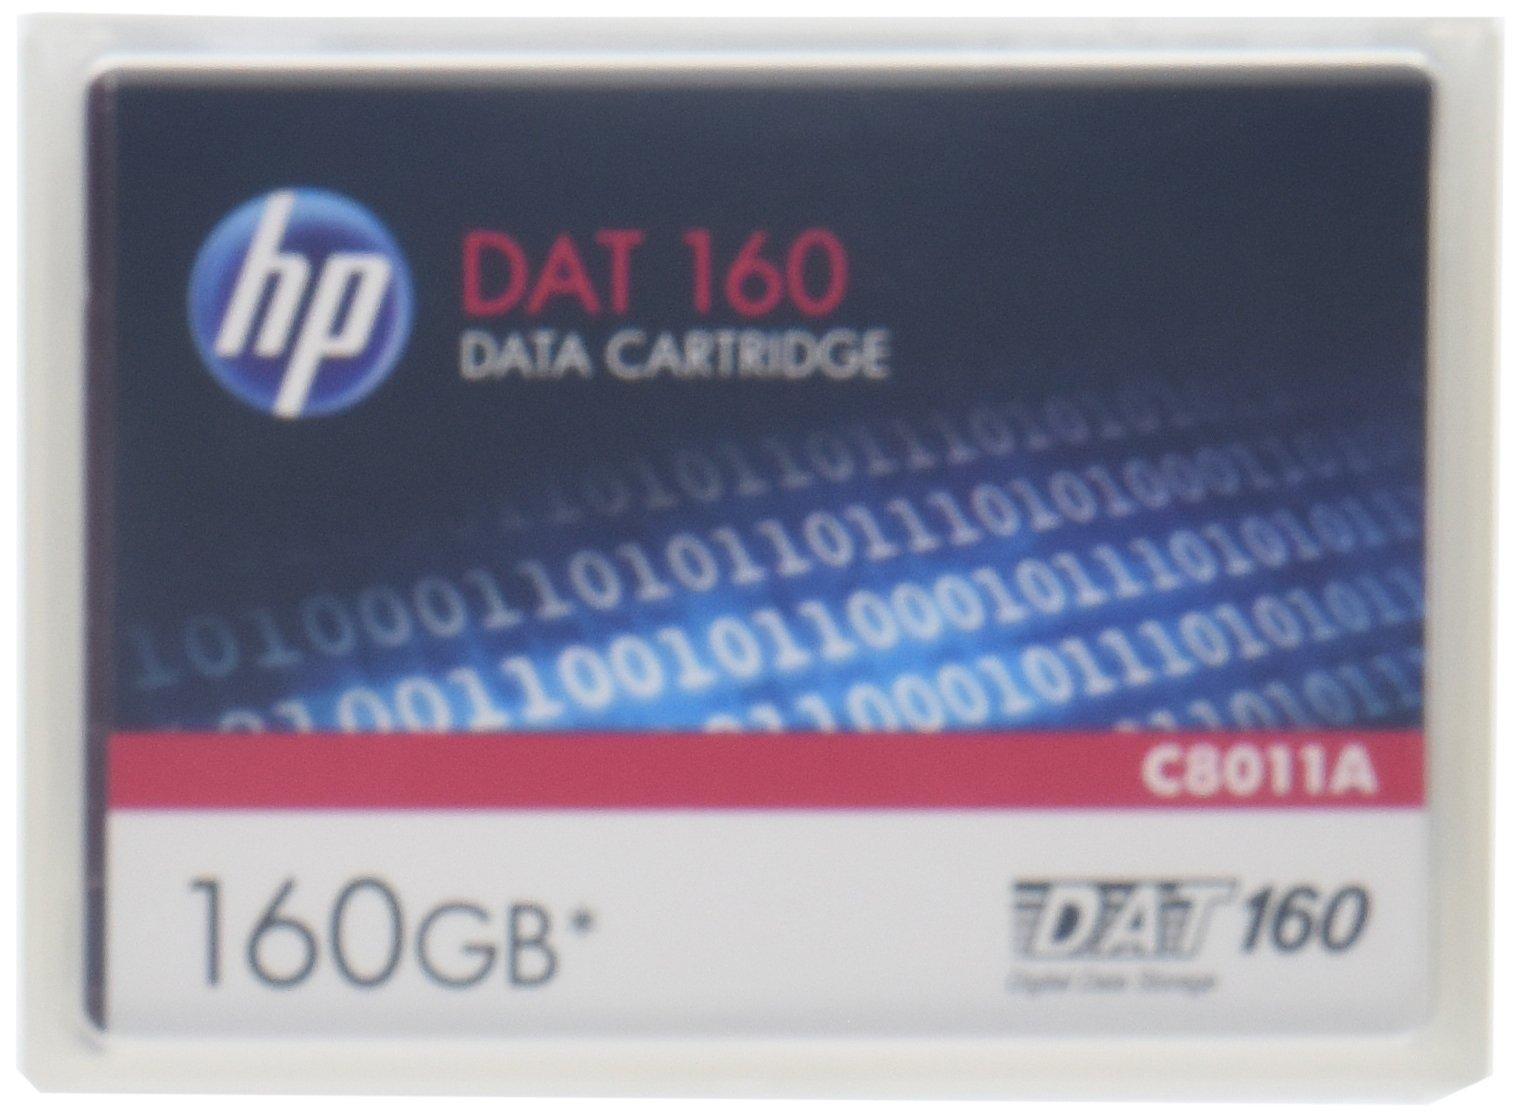 HP HEWC8011A DAT 160 Tape Cartridge by HP